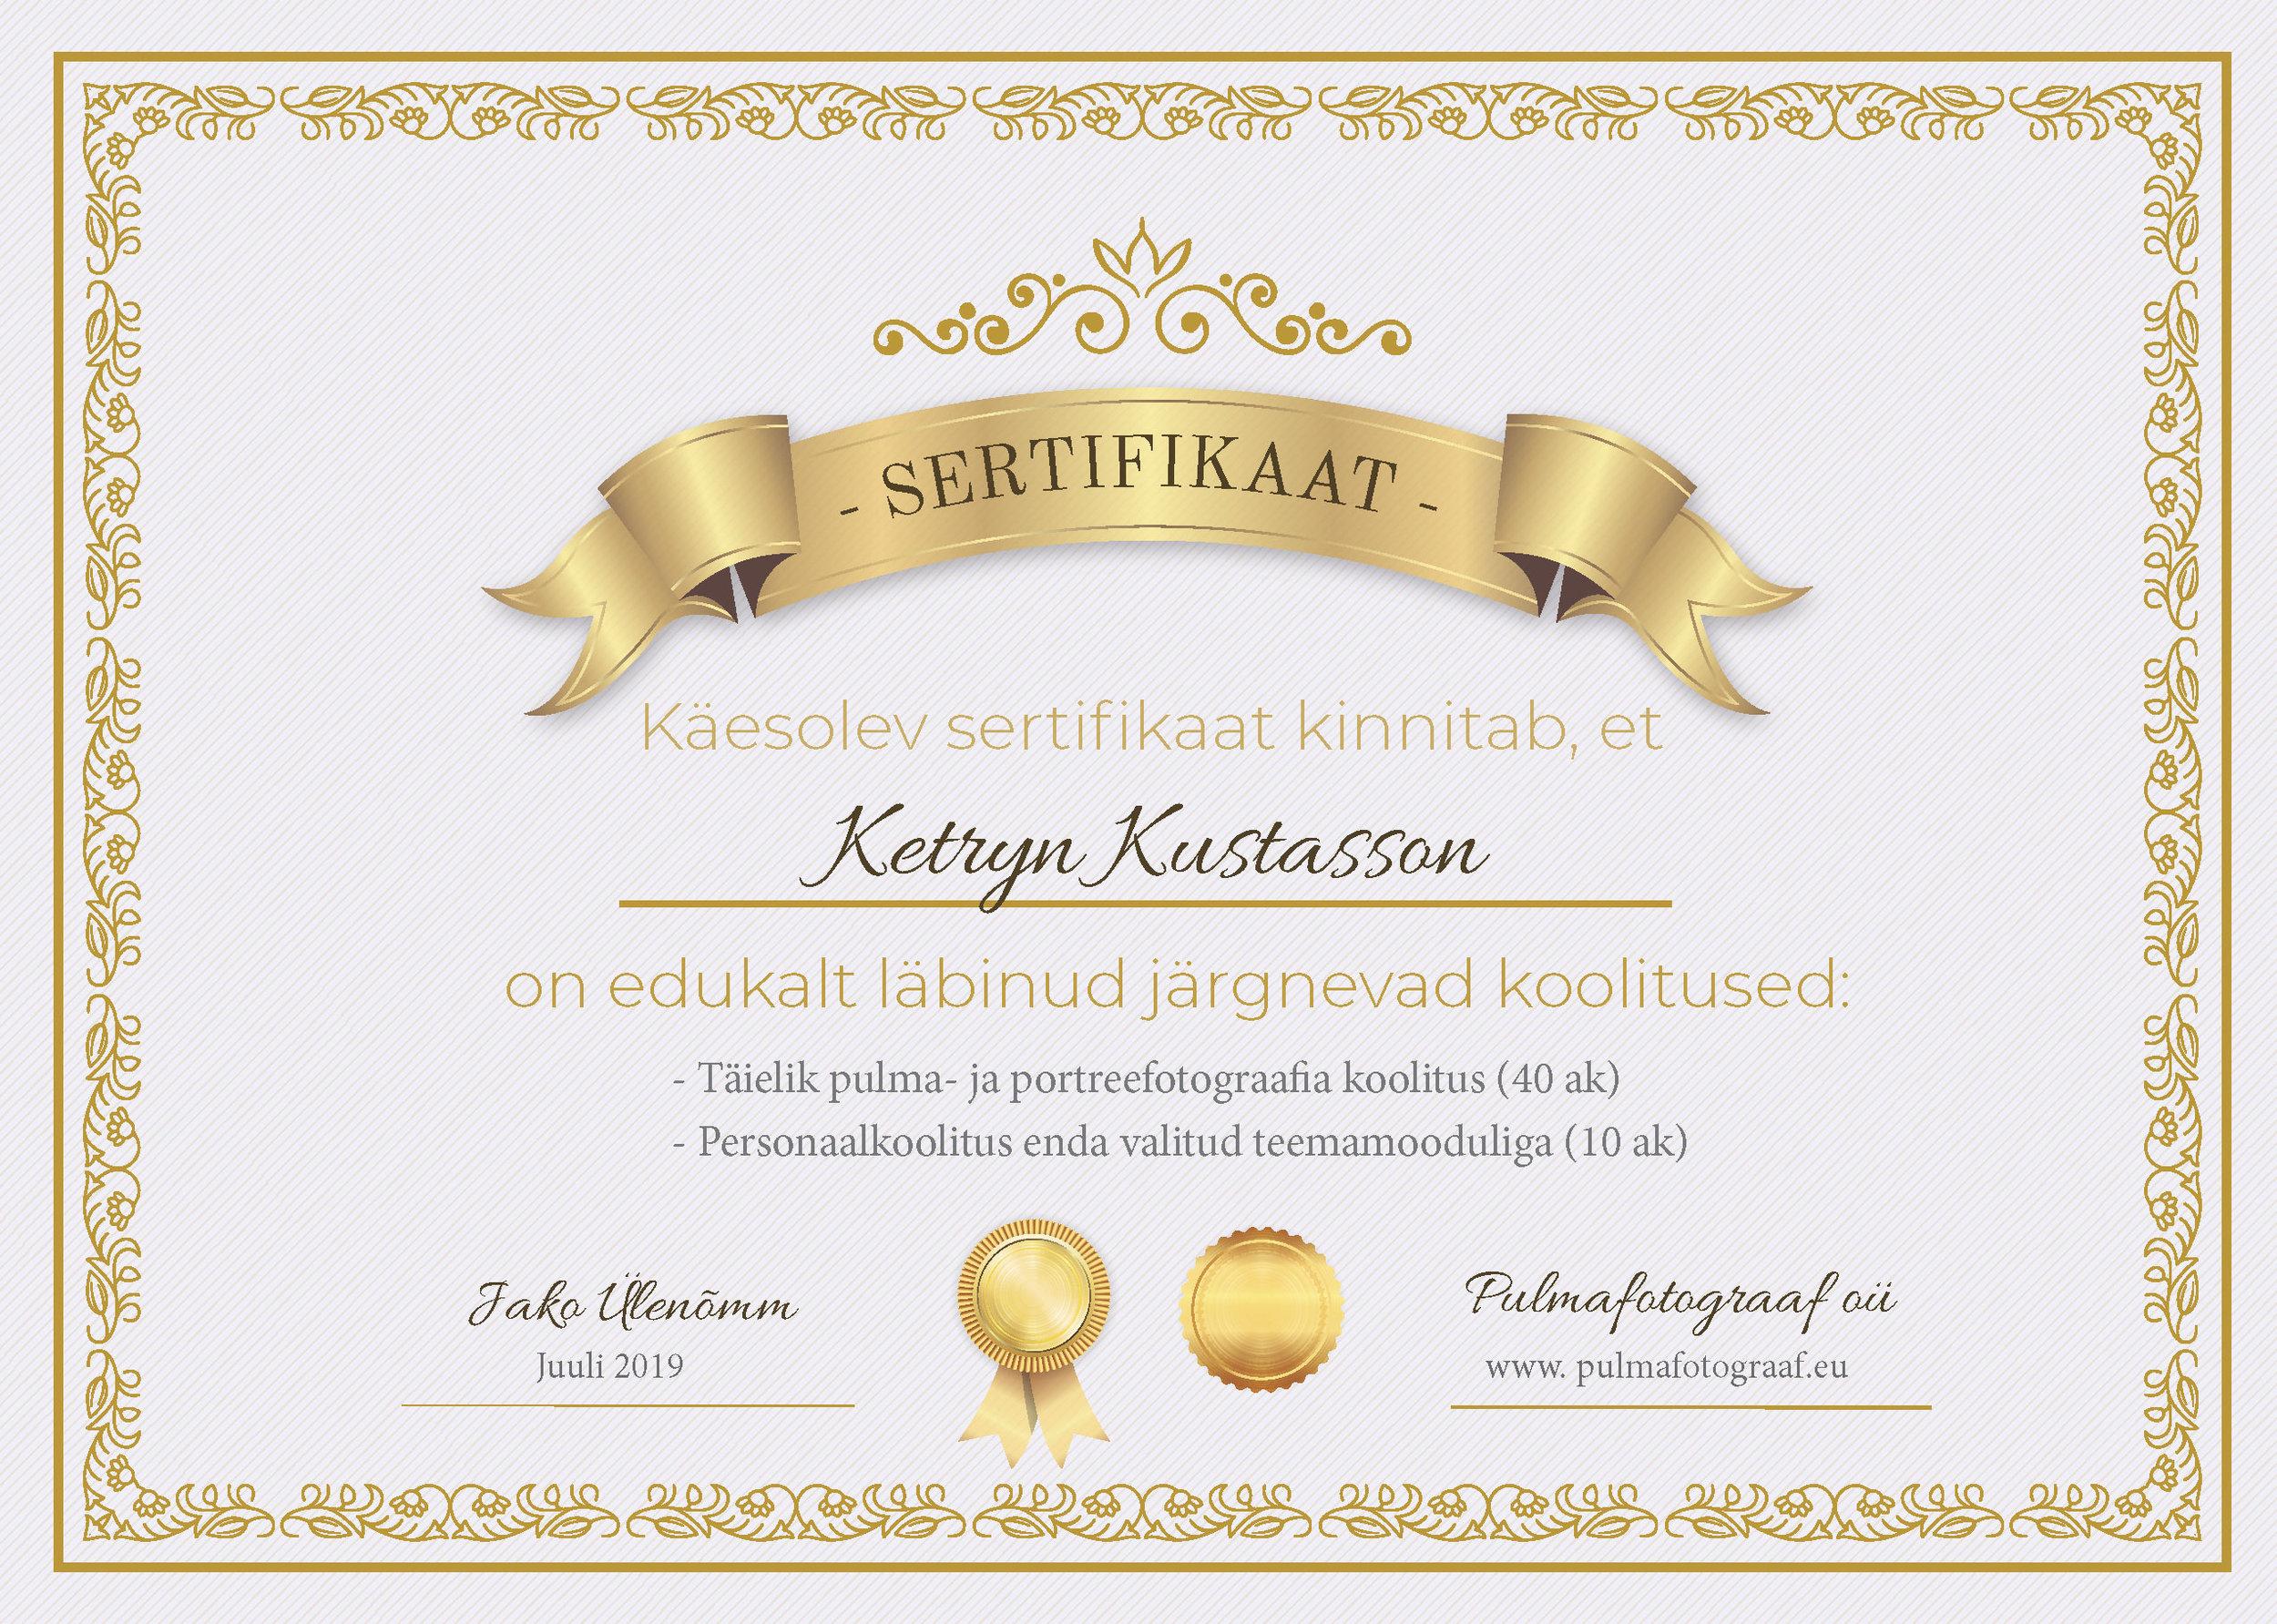 Sertifikaat_Ketryn_v0.2.jpg